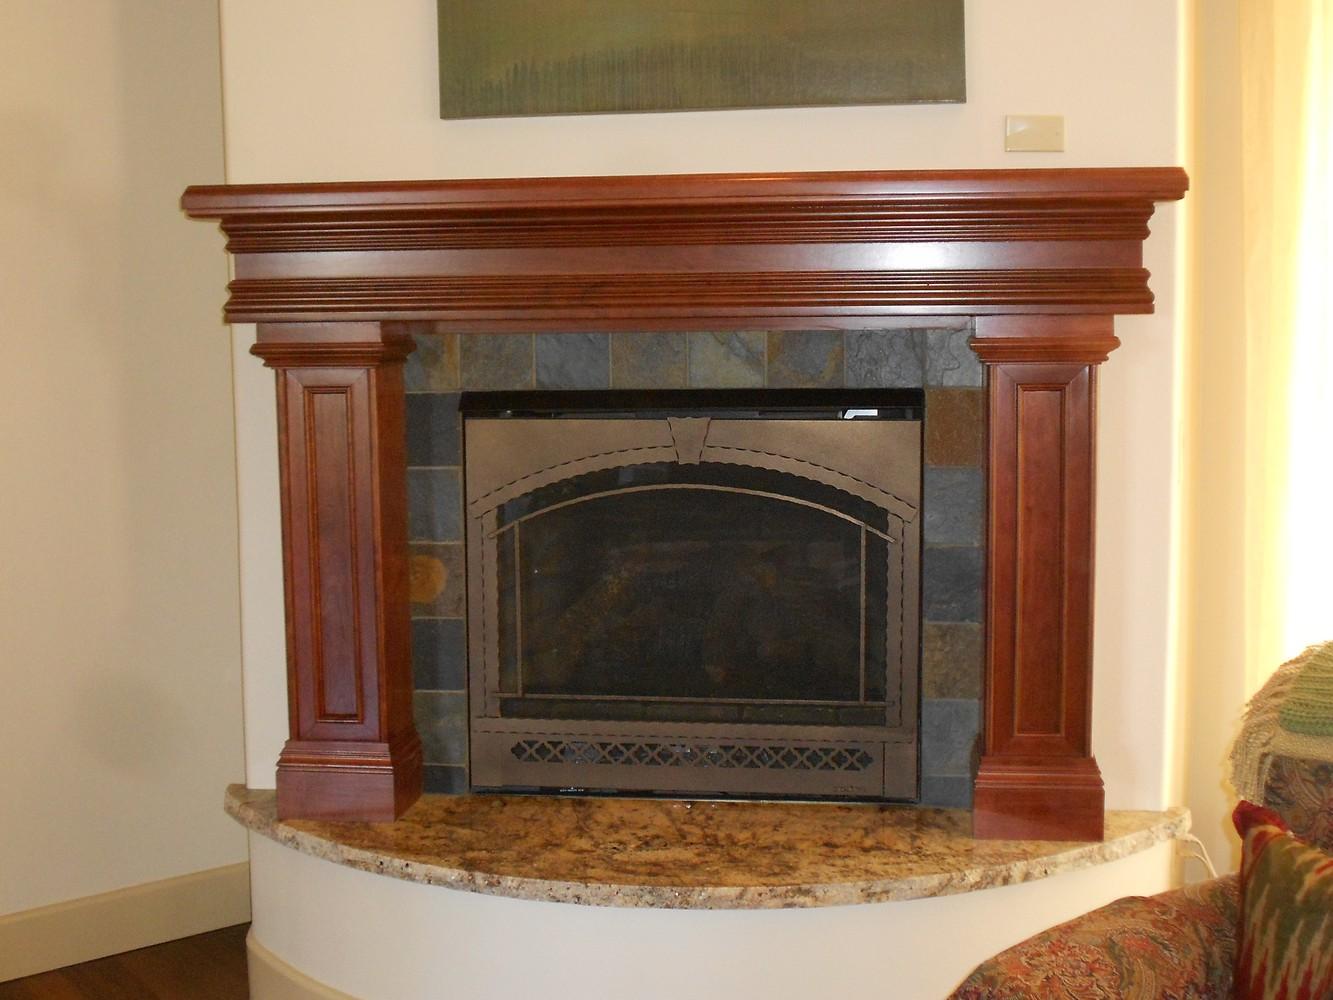 Fireplace Mantels And Surrounds: Unique Design Cabinet Co